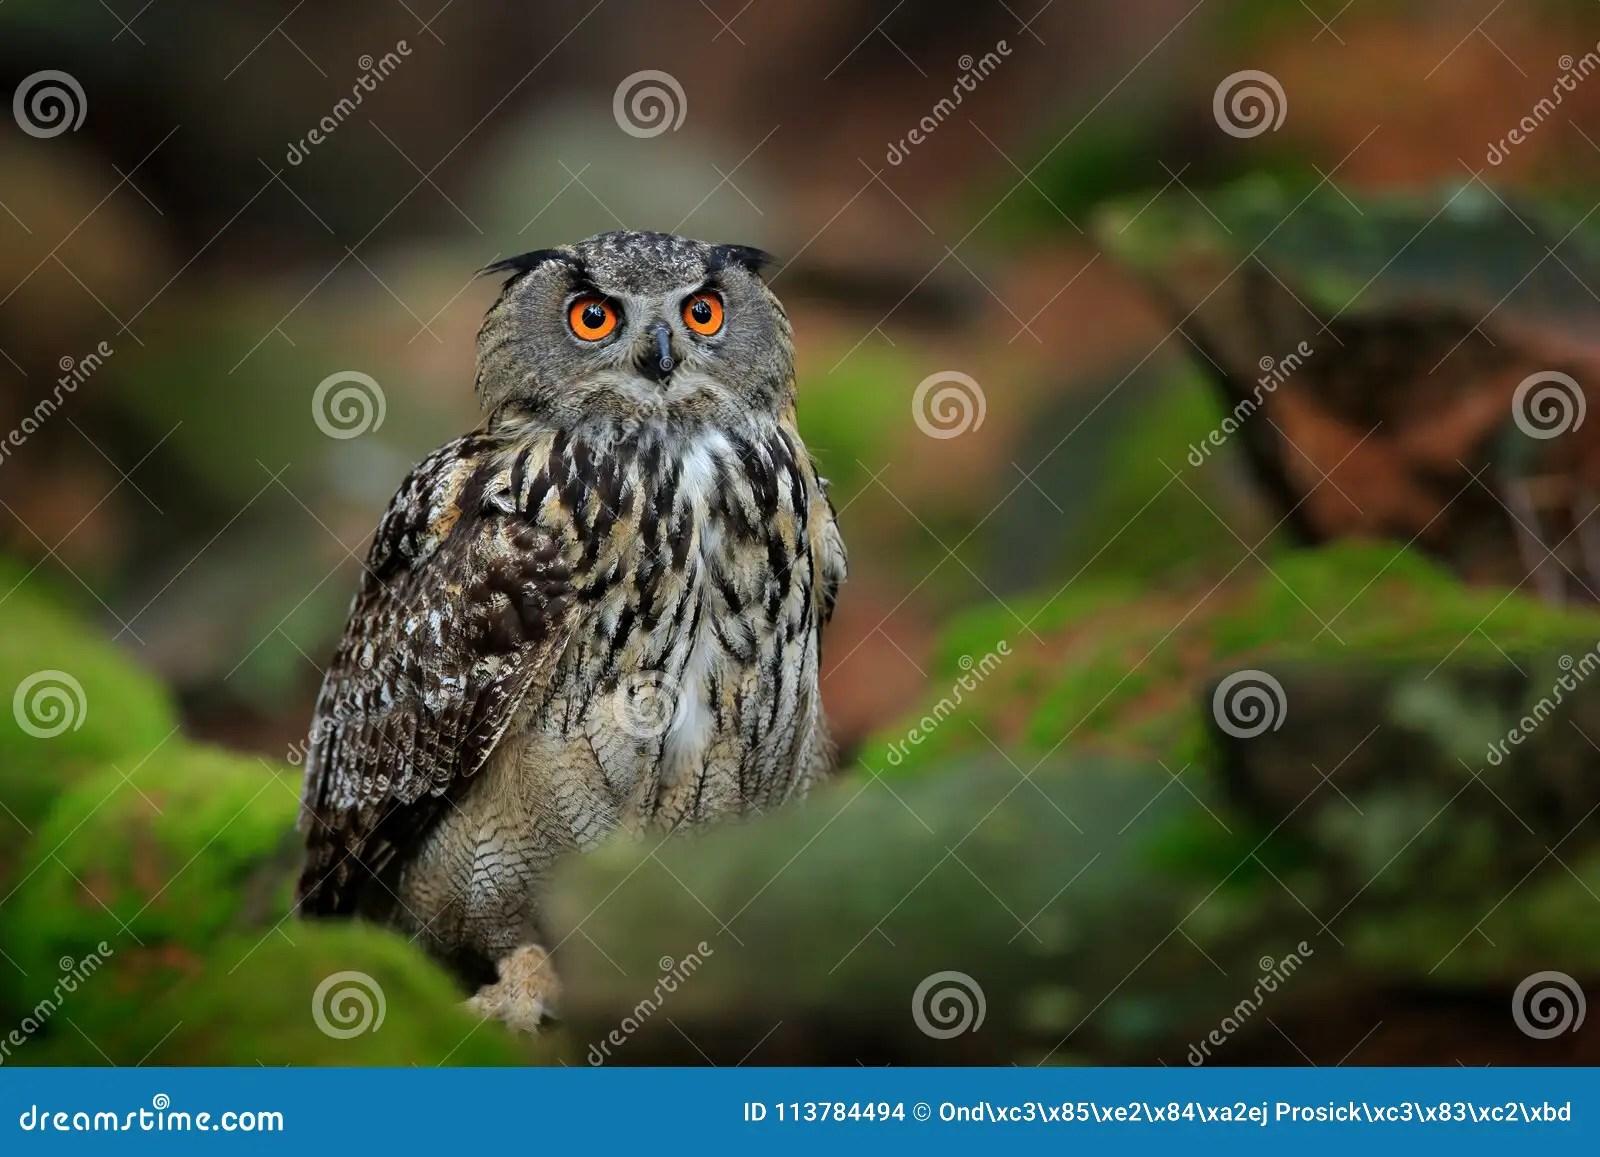 Owl In Forest Habitat Green Moss Stone Eurasian Eagle